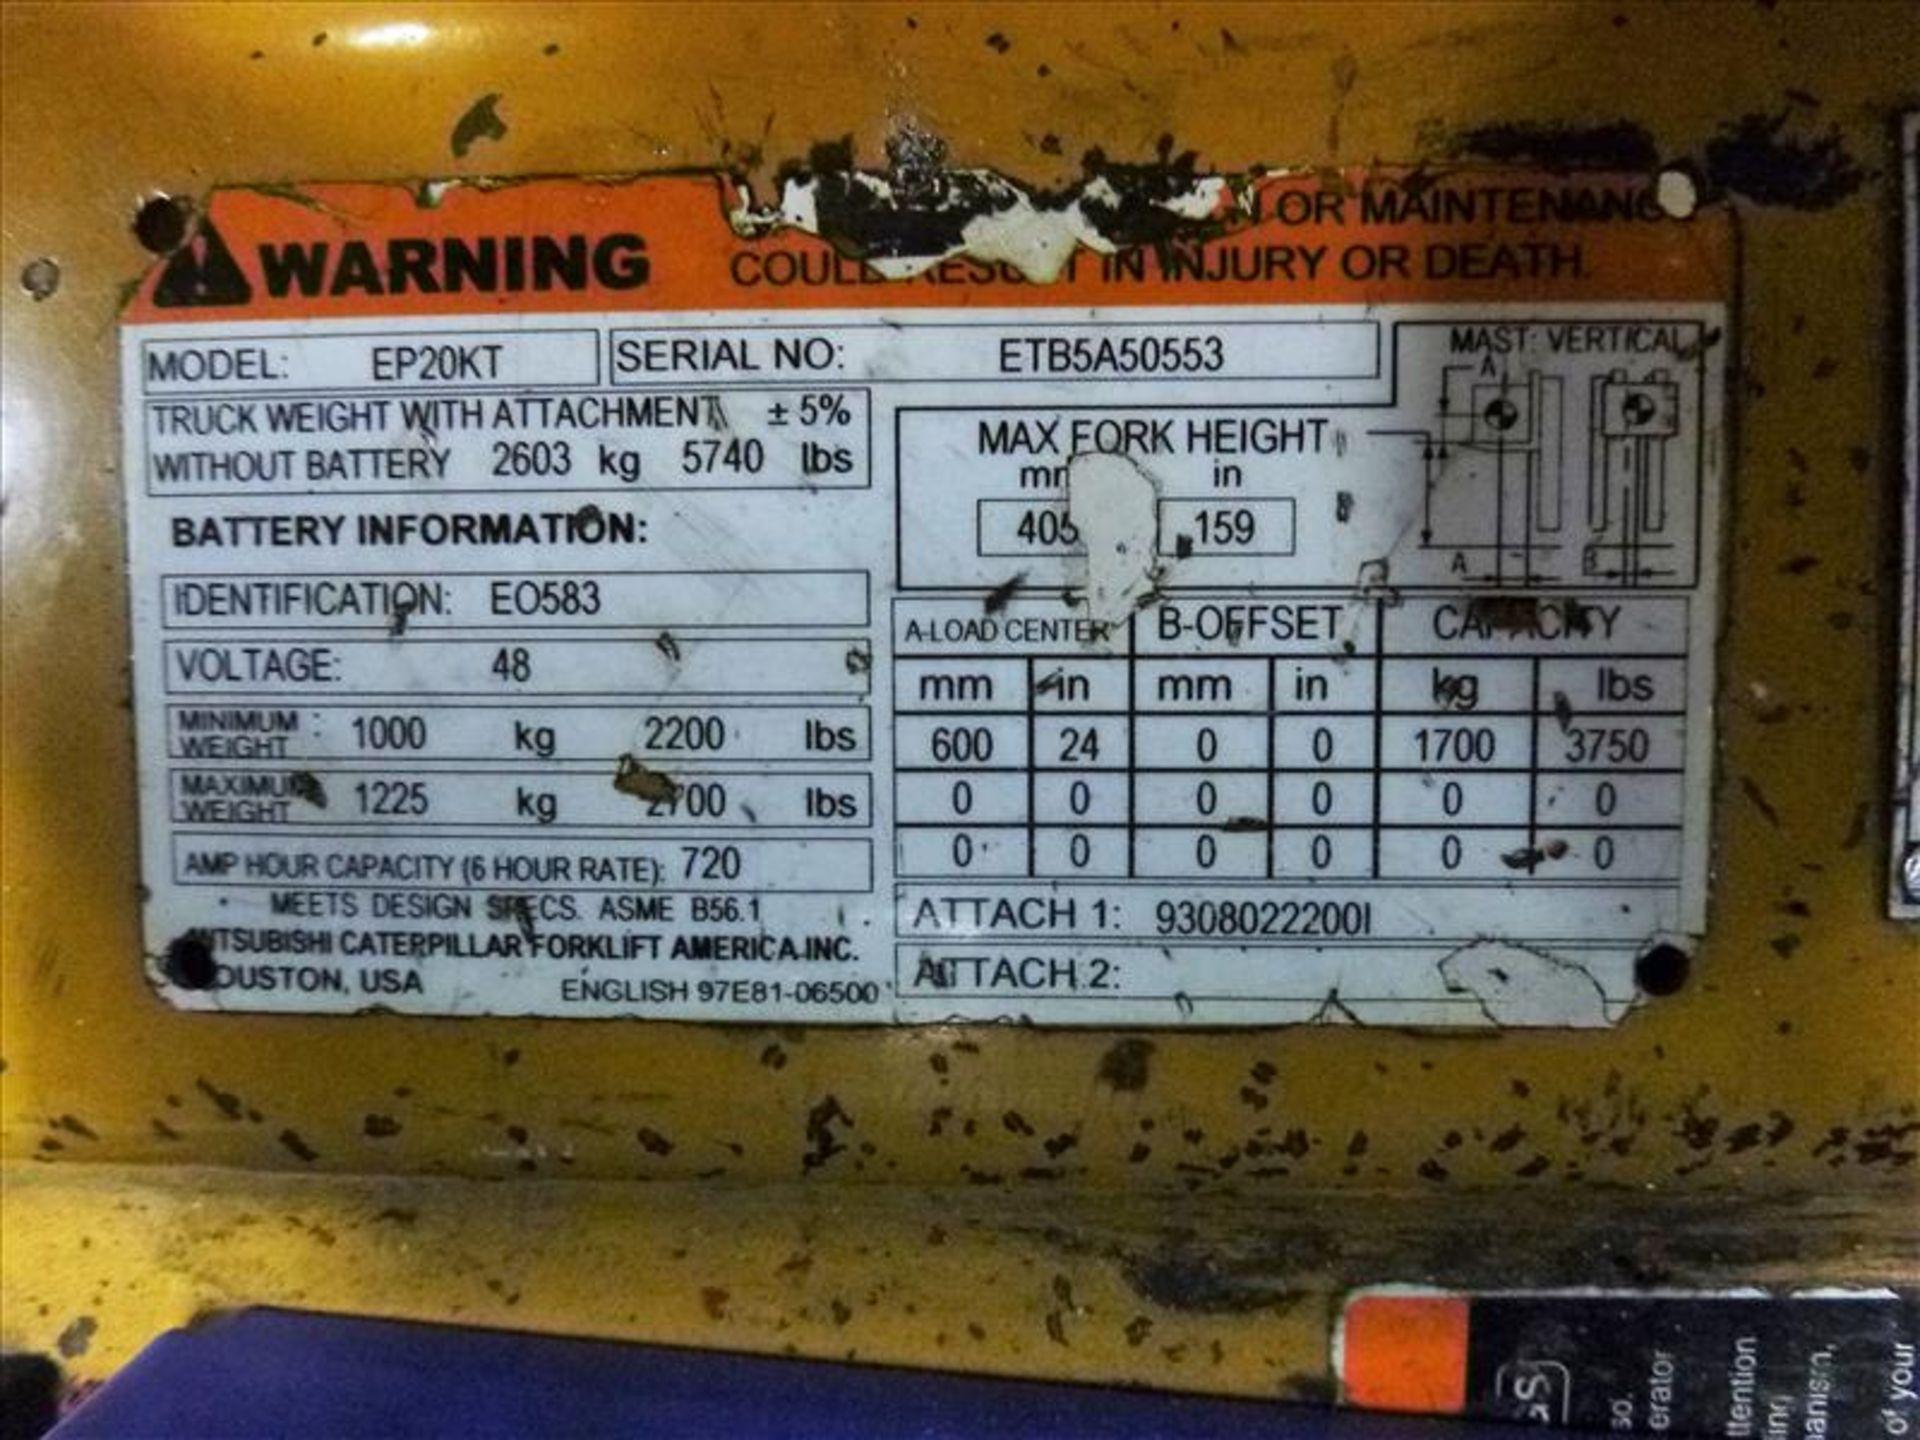 Caterpillar fork lift truck, mod. EC20KT, ser. no. ETB5A50553, 48V electric, 3750 lbs cap., 159 - Image 4 of 4